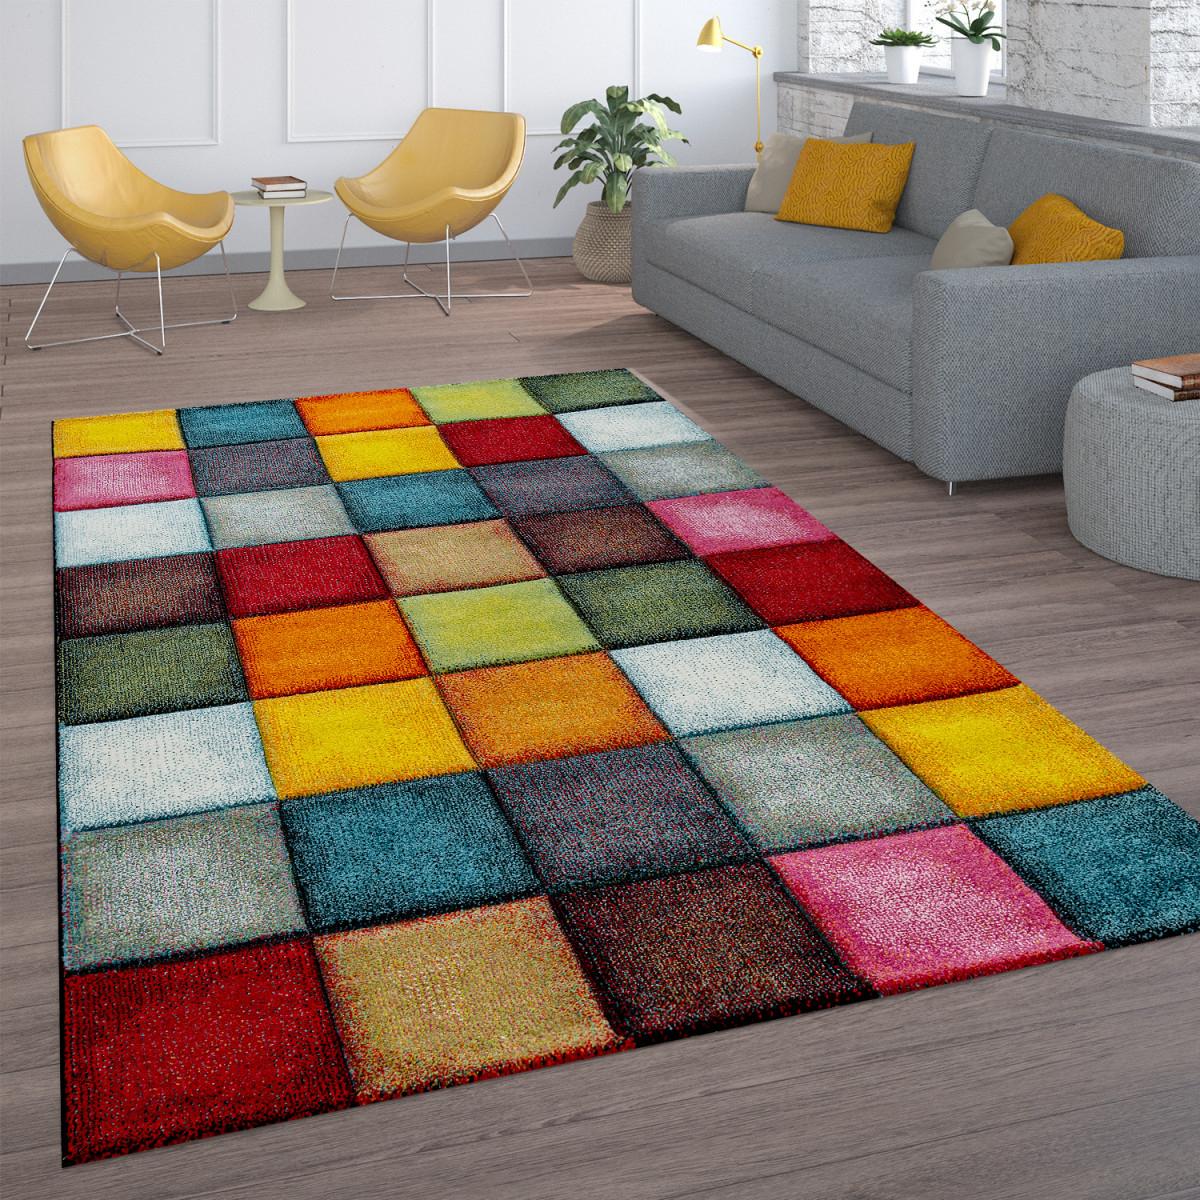 Details Zu Kurzflor Wohnzimmer Teppich Bunt Karo Design Vierecke Mehrfarbig  Farbenfroh von Teppich Wohnzimmer Bunt Photo